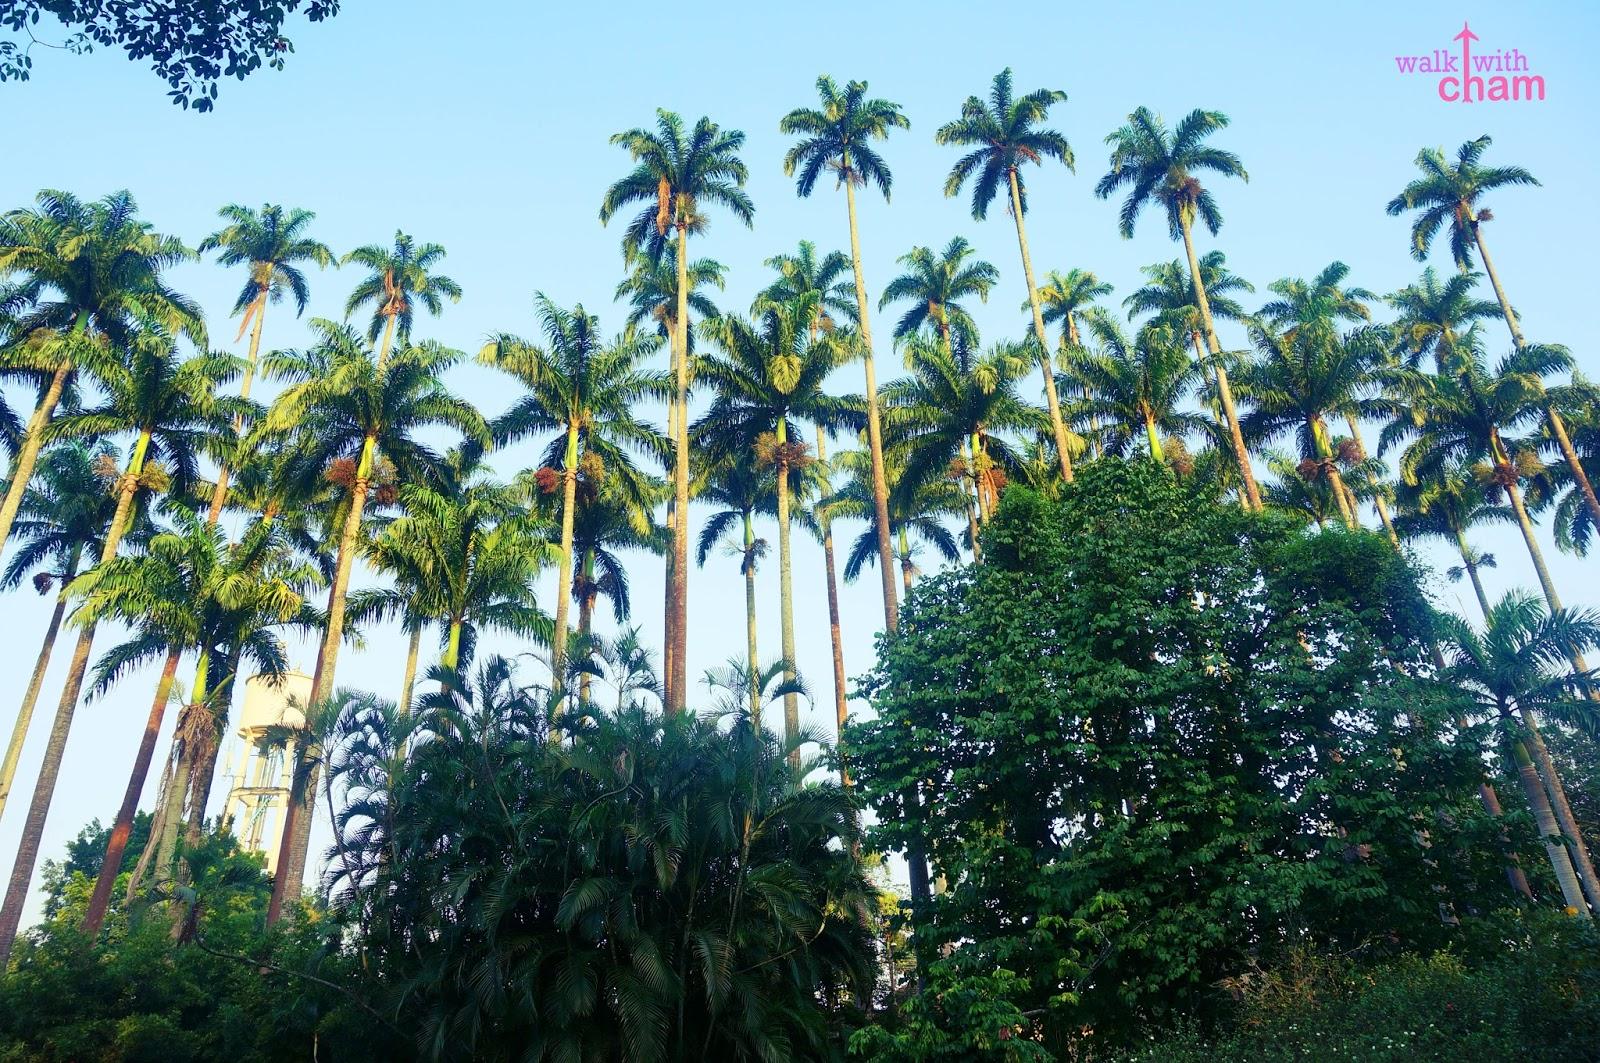 how to get to jardim botanico rio de janeiro